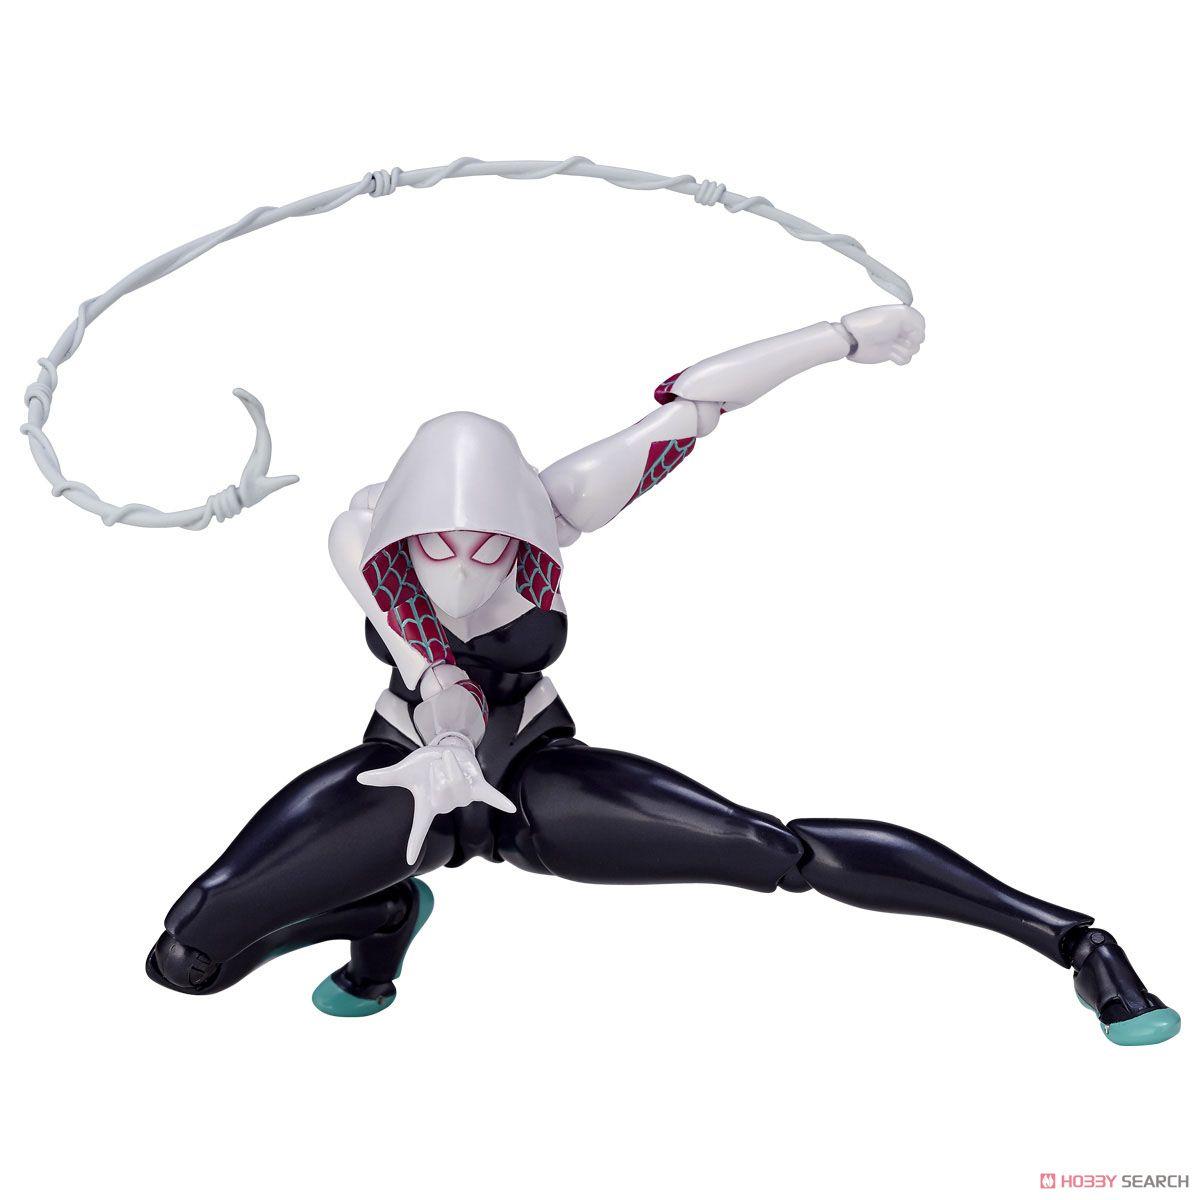 フィギュアコンプレックス Amazing Yamaguchi Series No.004 マーベル・コミック Spider-Gwen (スパイダーグウェン) (完成品)